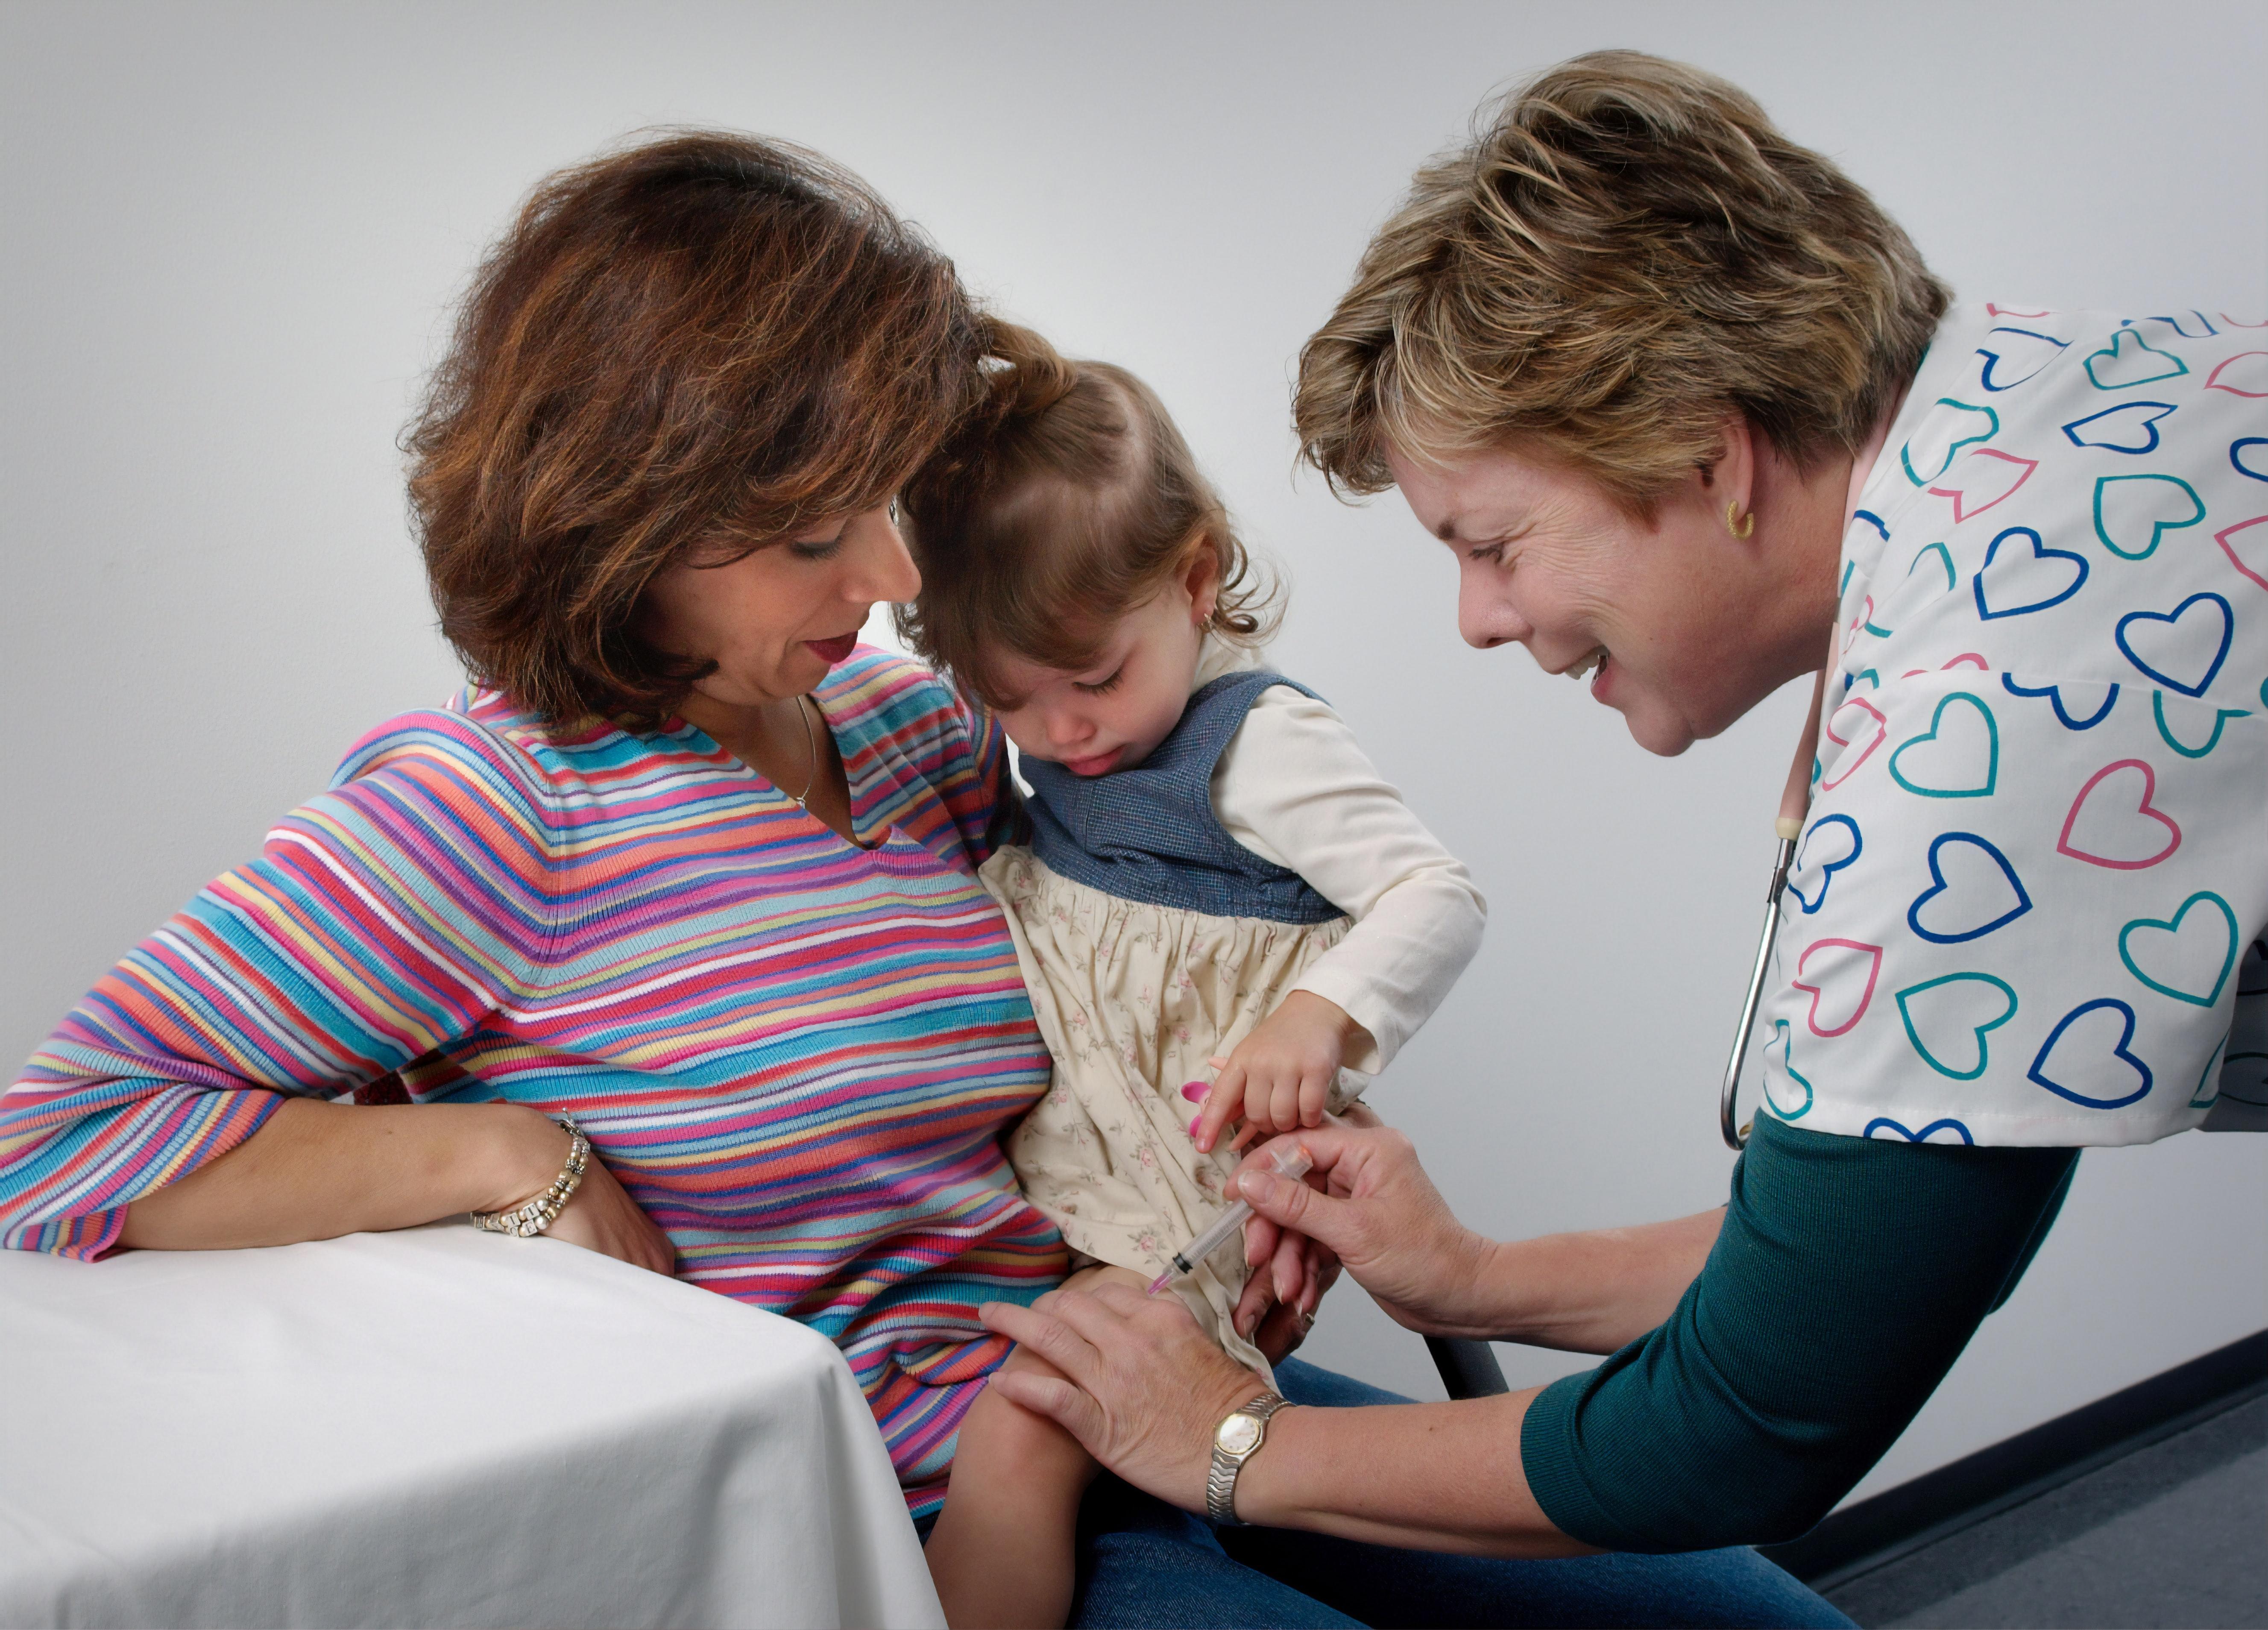 Epilepsy in children